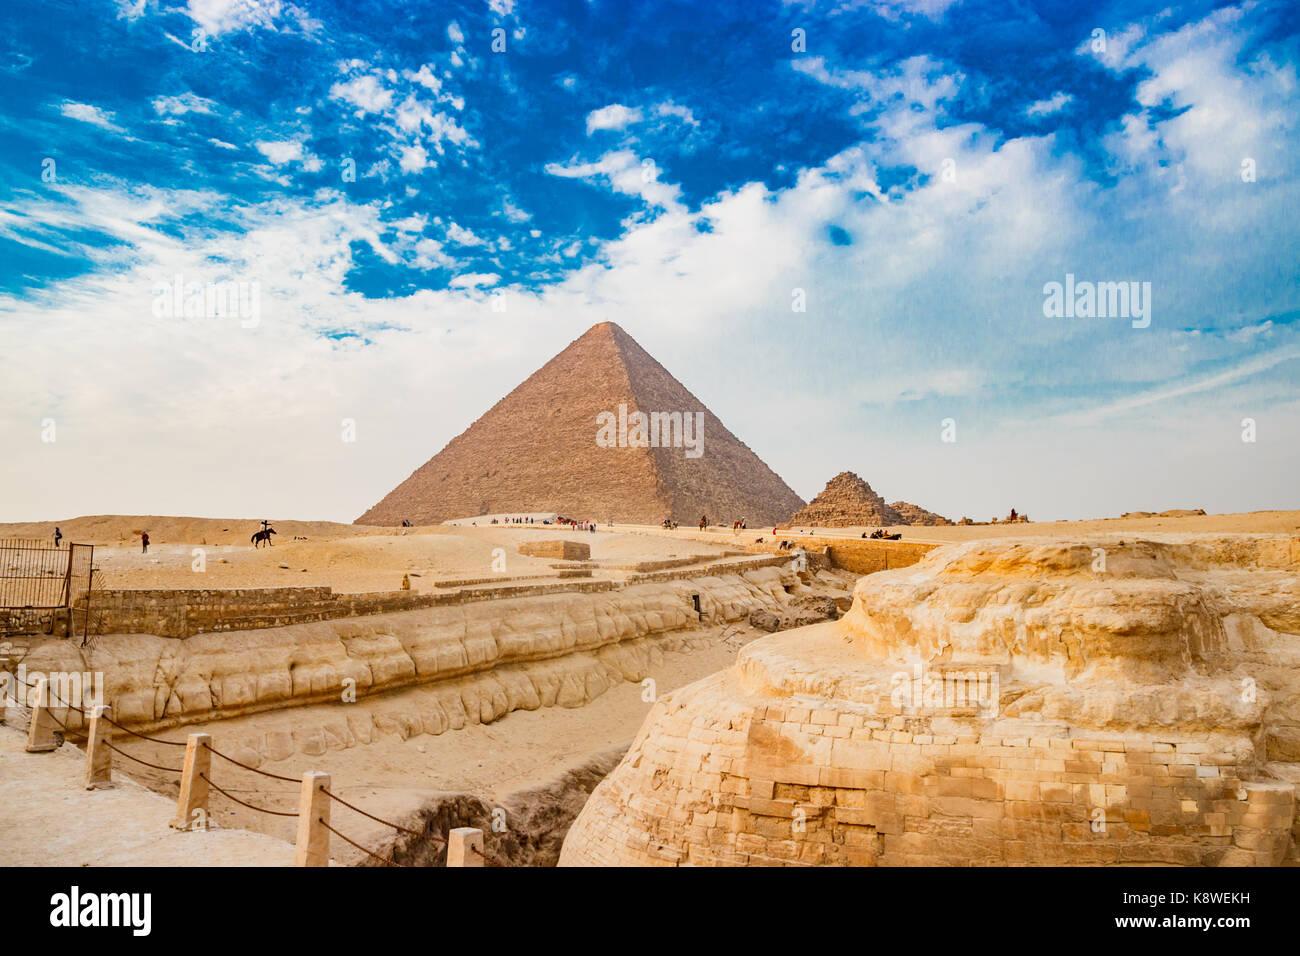 La piramide del Cairo in Egitto Immagini Stock